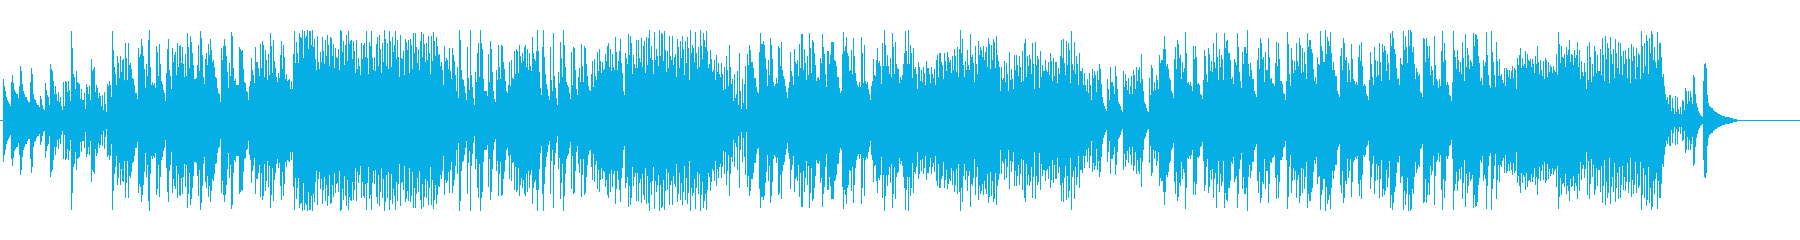 ゆったり艶やか和風曲 ピアノ・ソロverの再生済みの波形